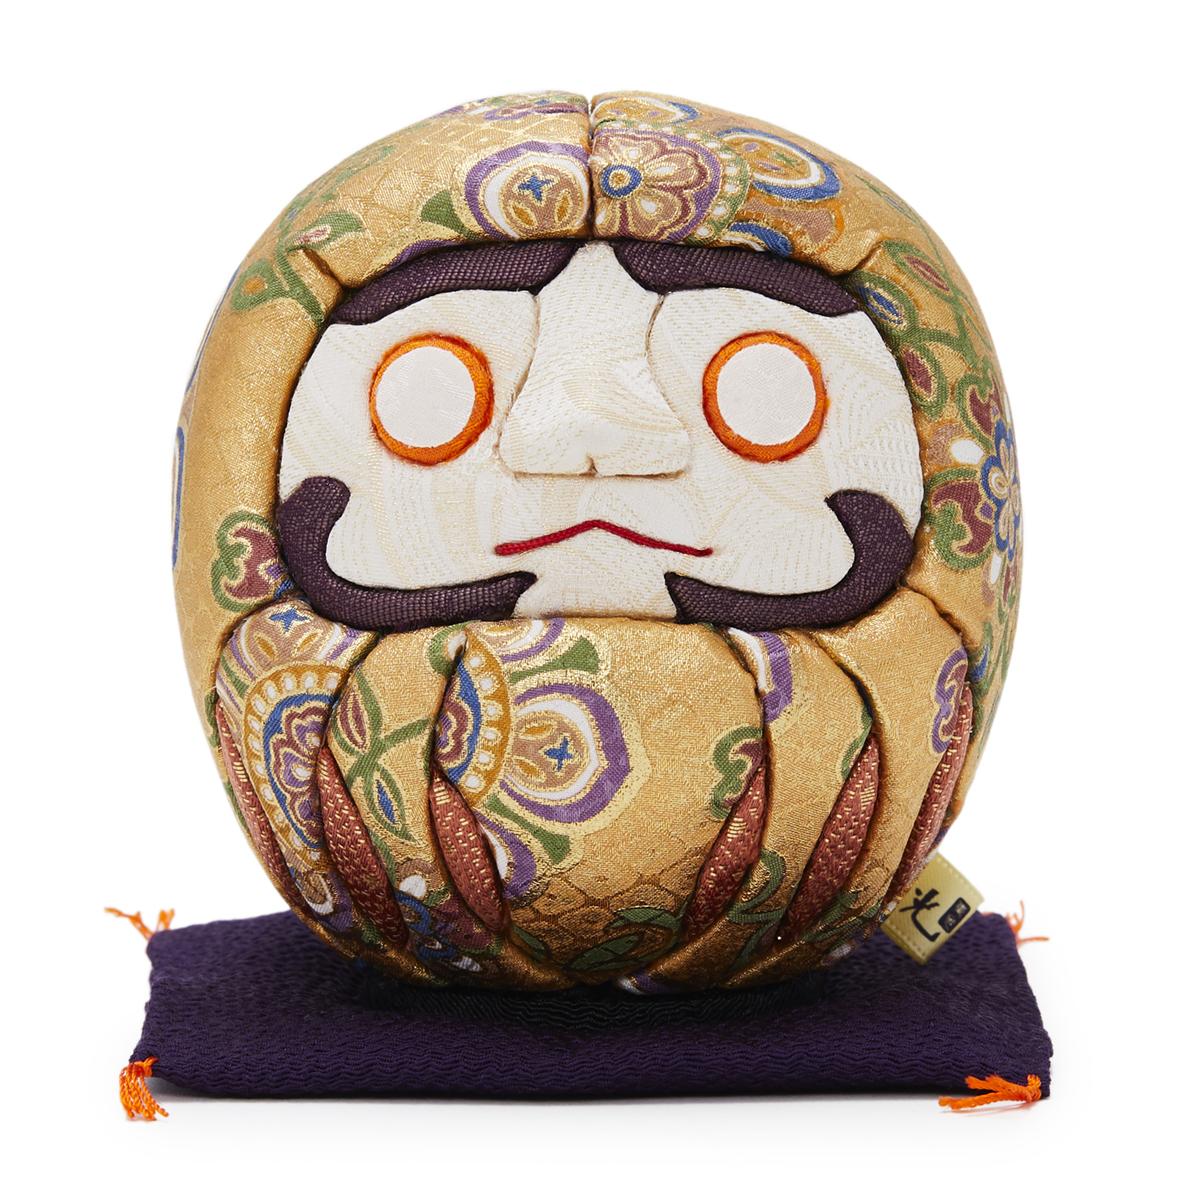 伝統の木目込み技術とモダンデザインが出逢った願掛けだるま 友禅染め・金|柿沼人形